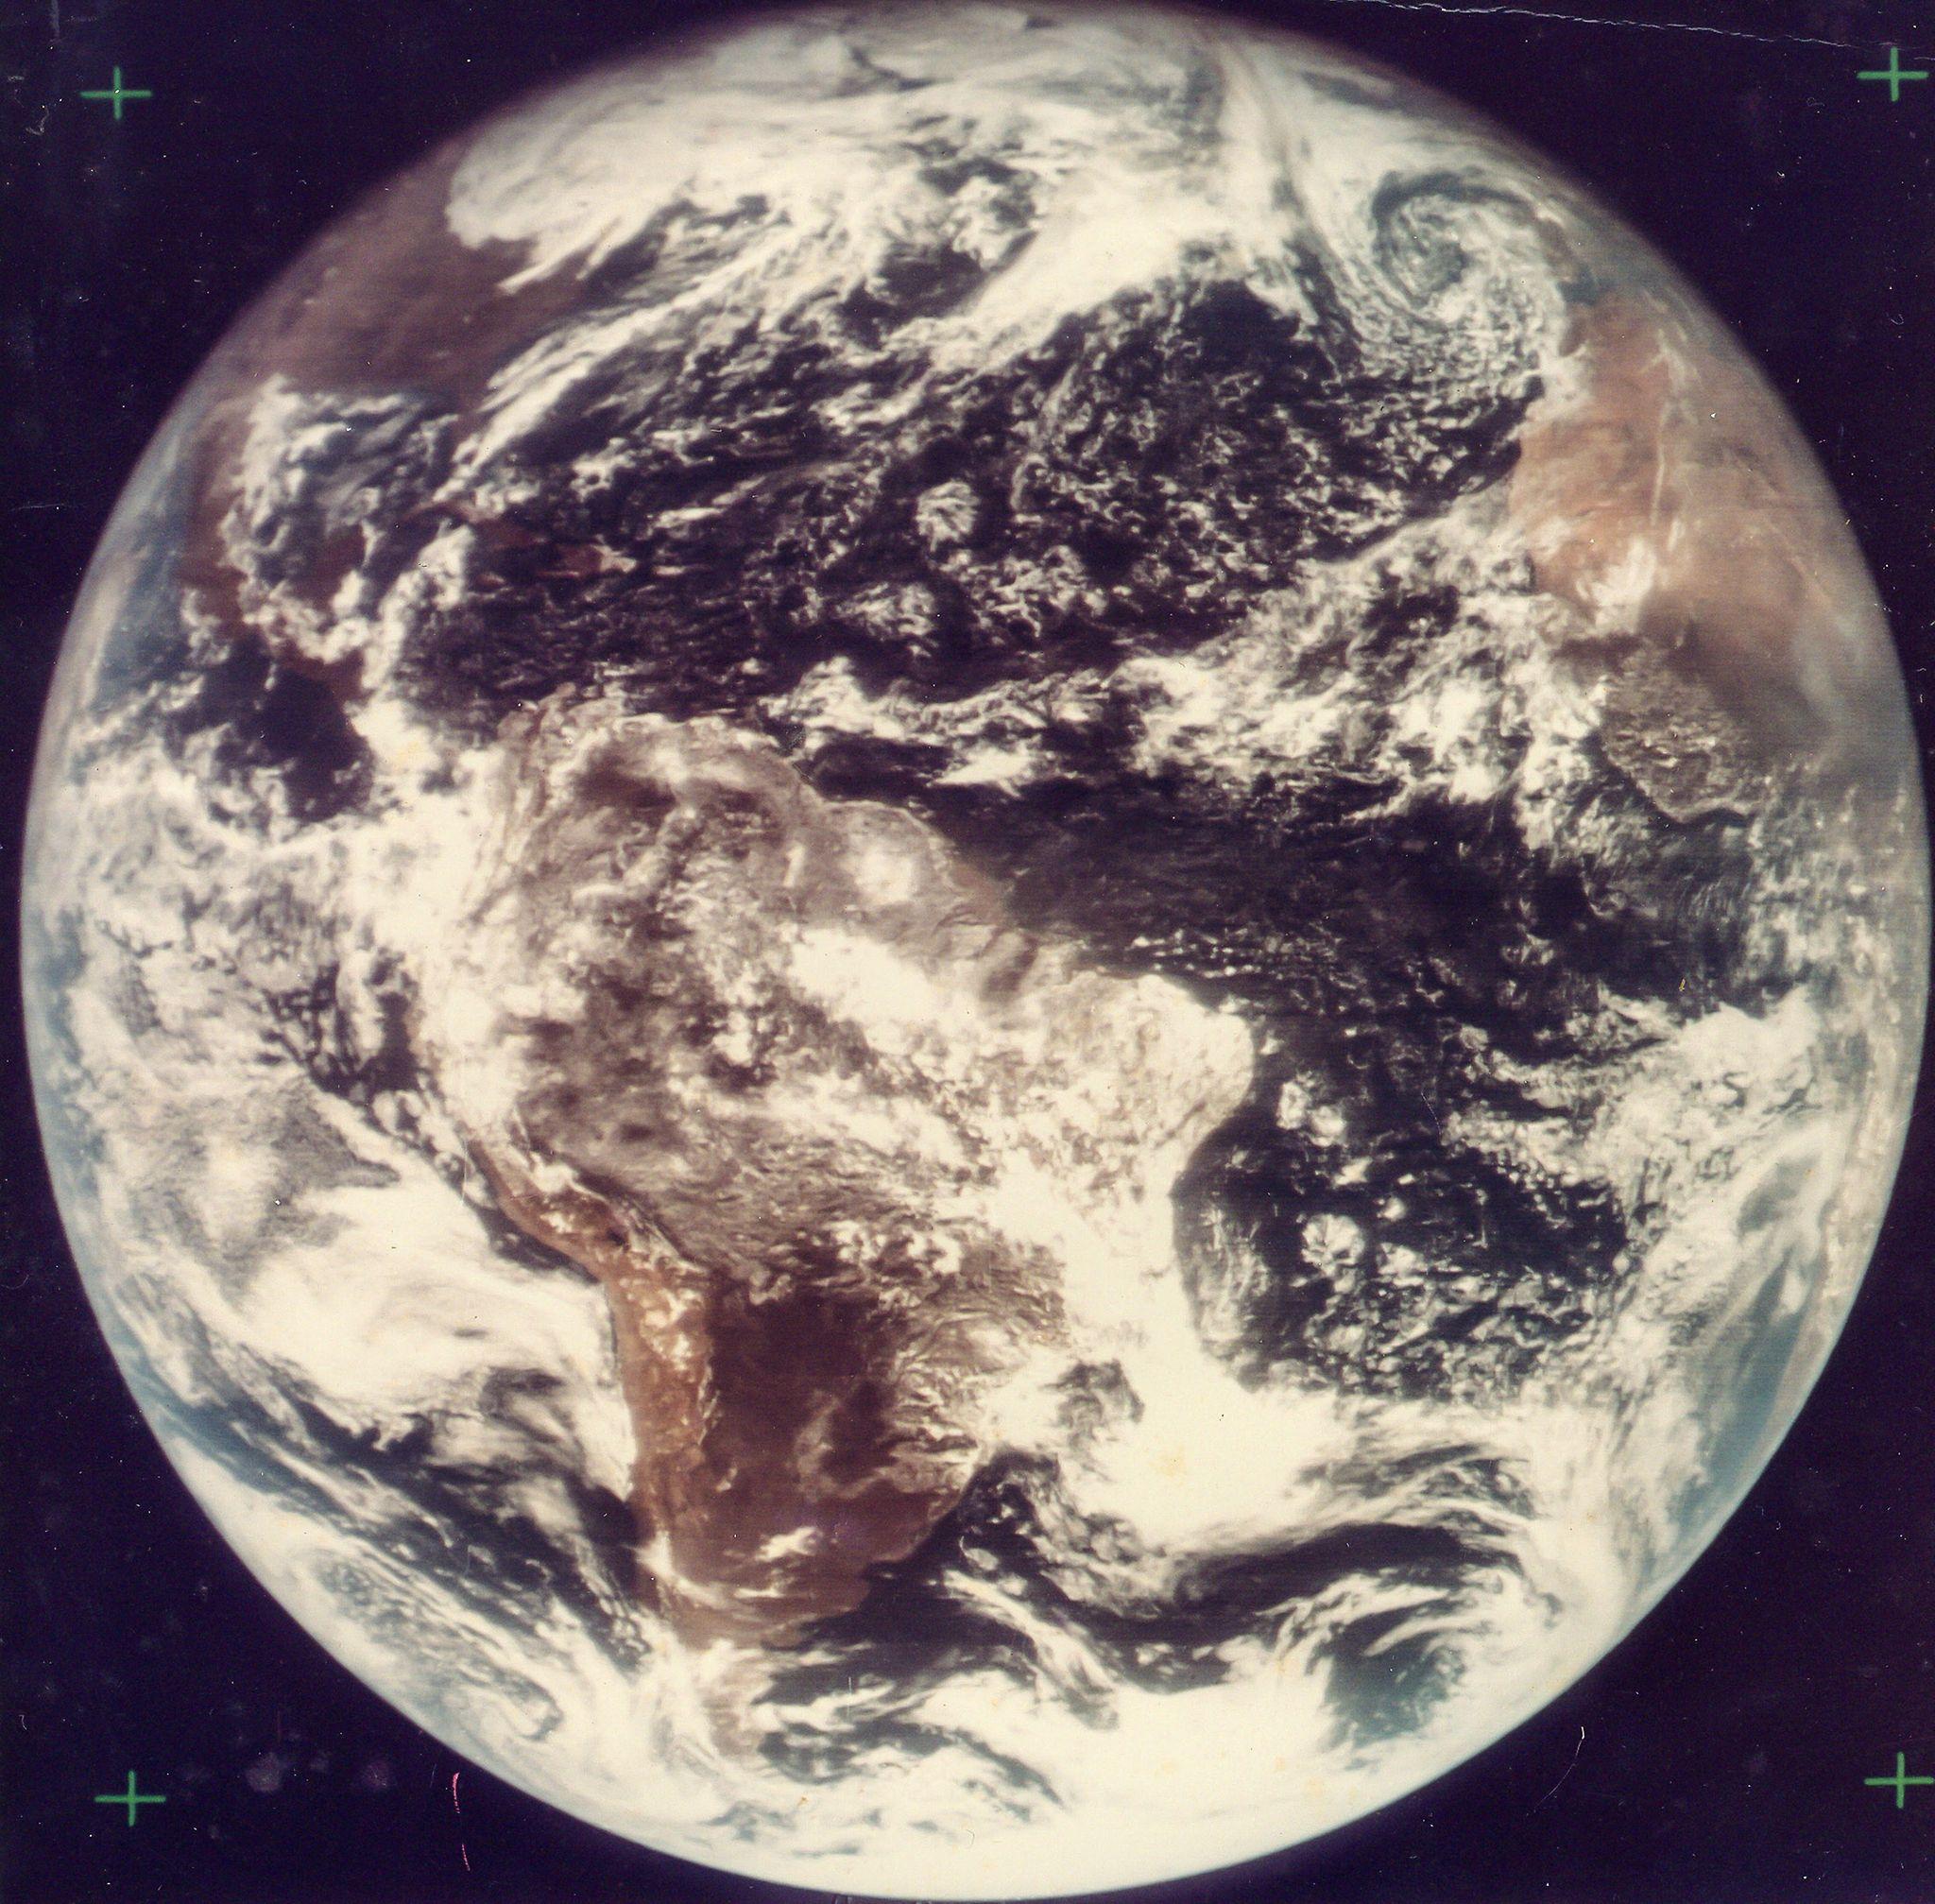 0913 Космический винтаж: старые снимки НАСА уйдут с молотка в Лондоне